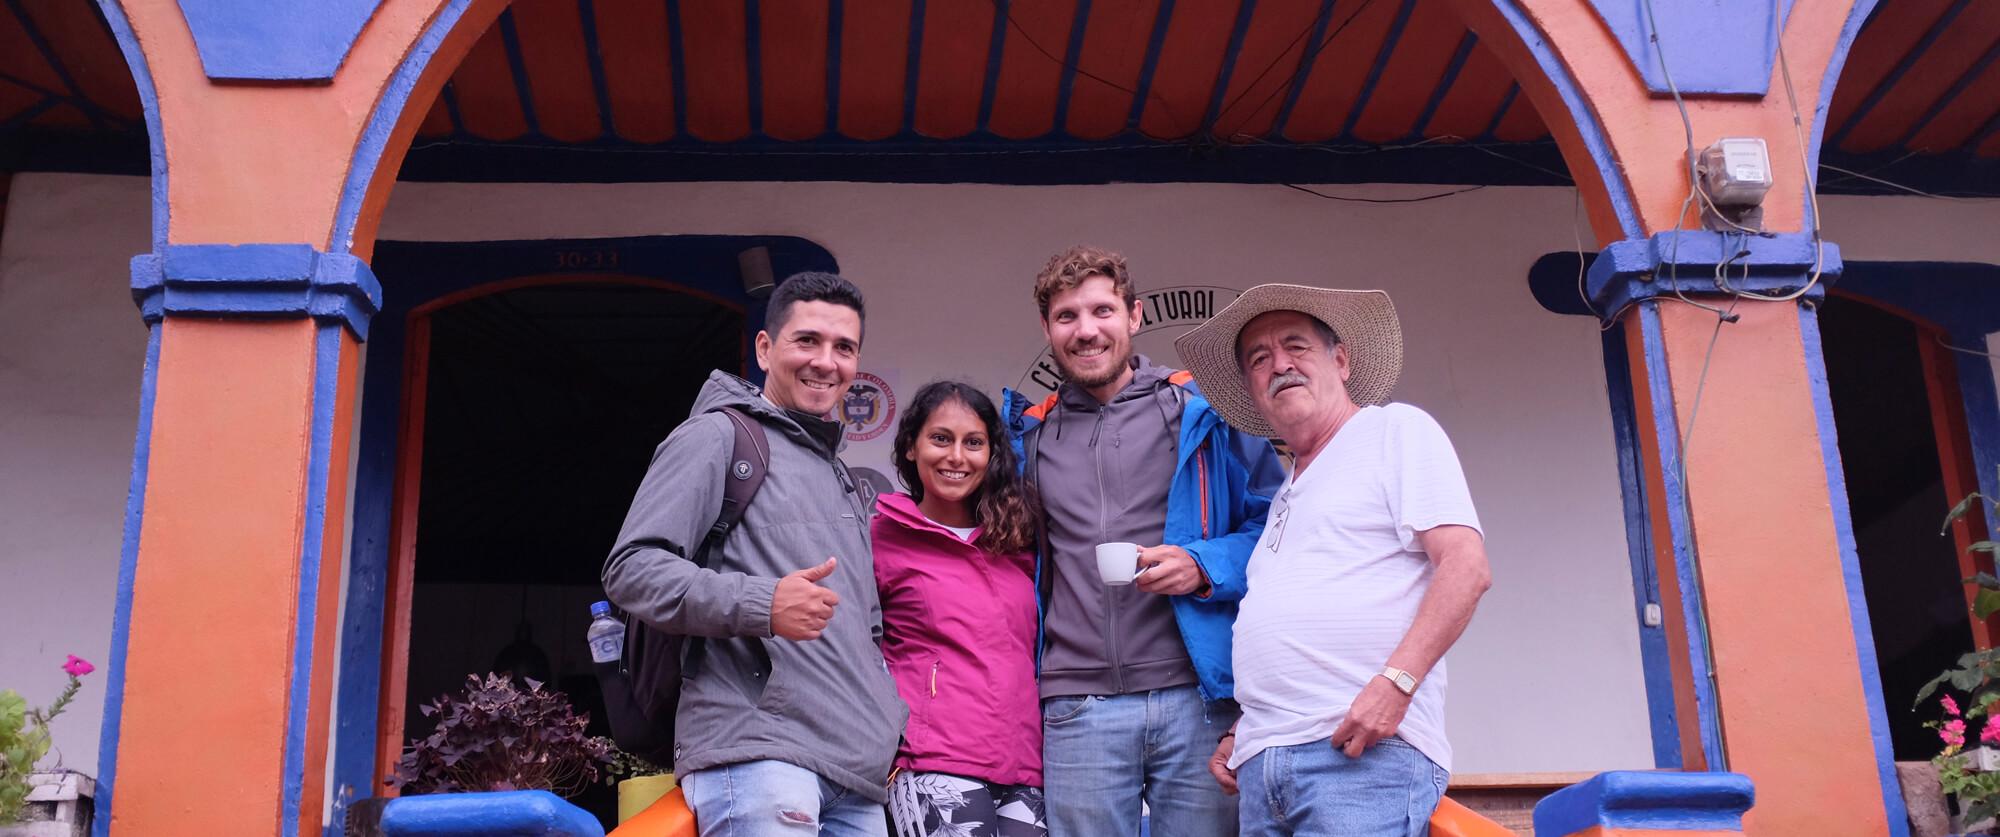 Tour todo incluido paquetes de tour de la paz paz en colombia, conflicto armado en colombia